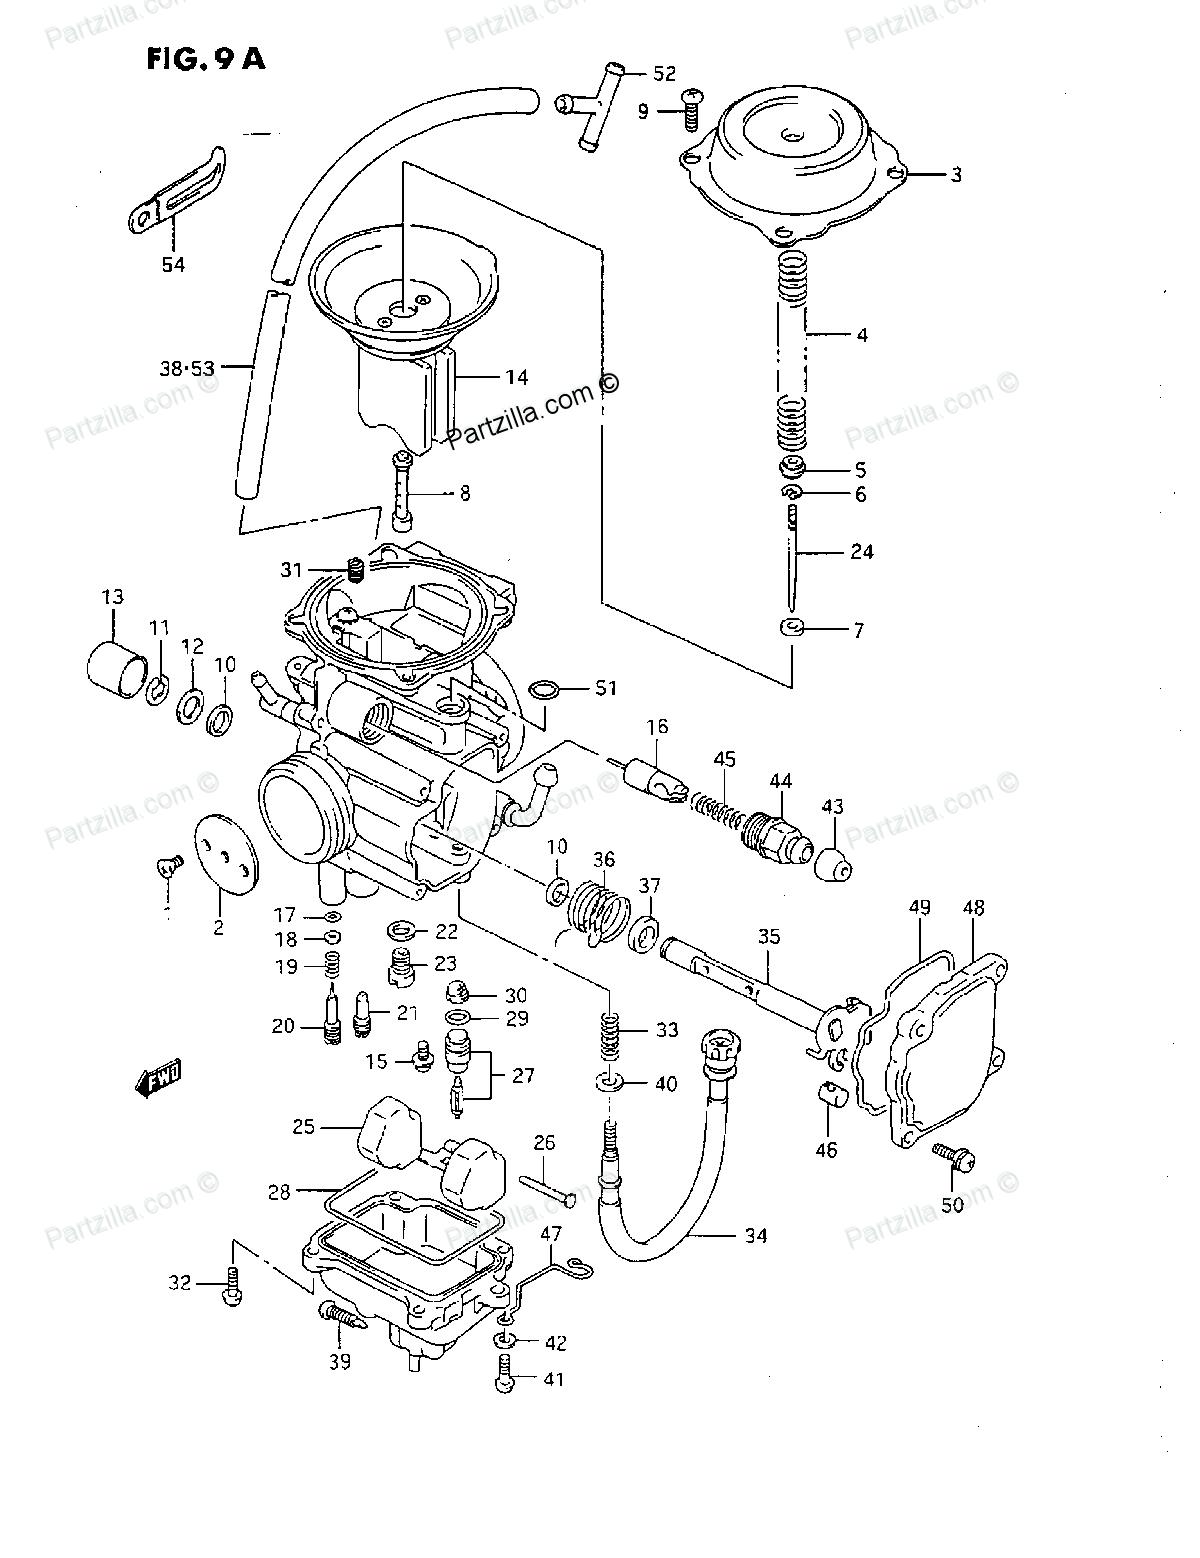 Contemporary Suzuki Gsxr 600 Wiring Diagram Frieze - Best Images for ...